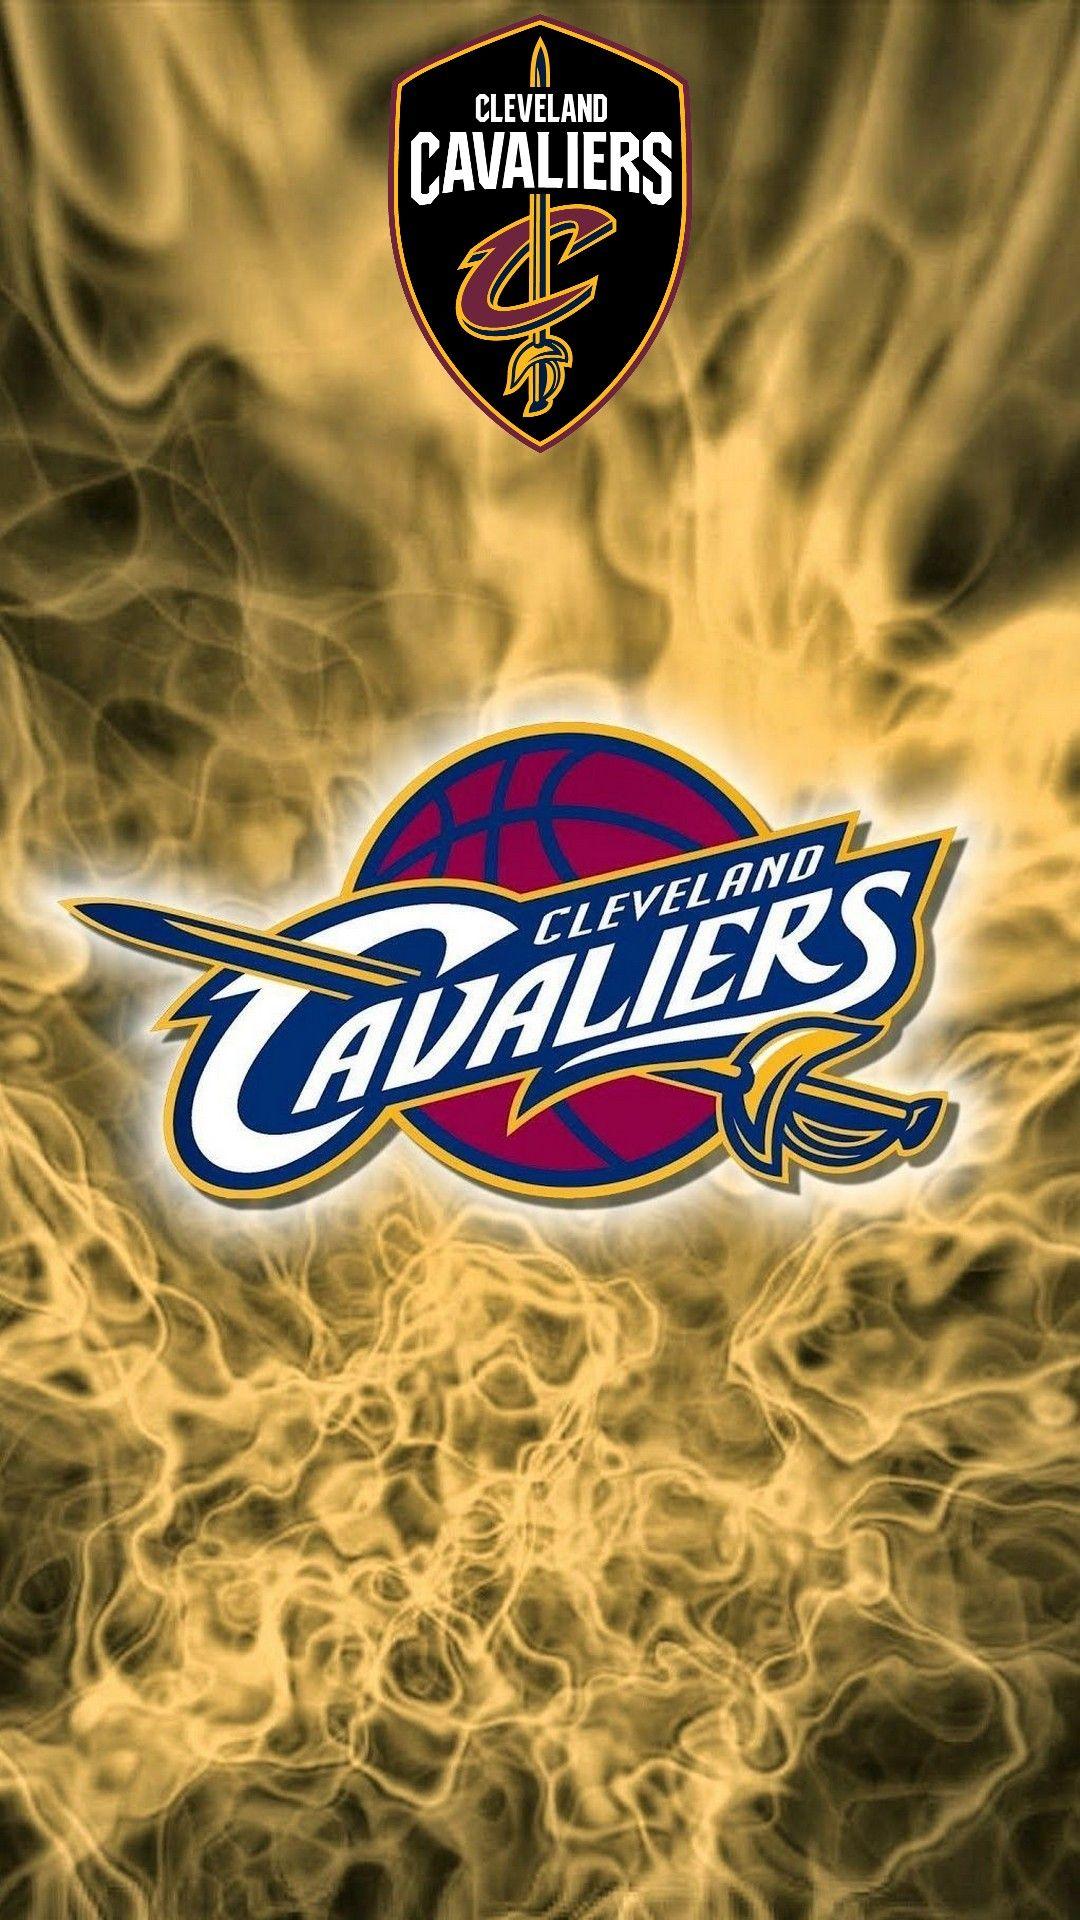 Cleveland Cavaliers Mobile Wallpaper Hd Sportv Basquete Papel De Parede Celular